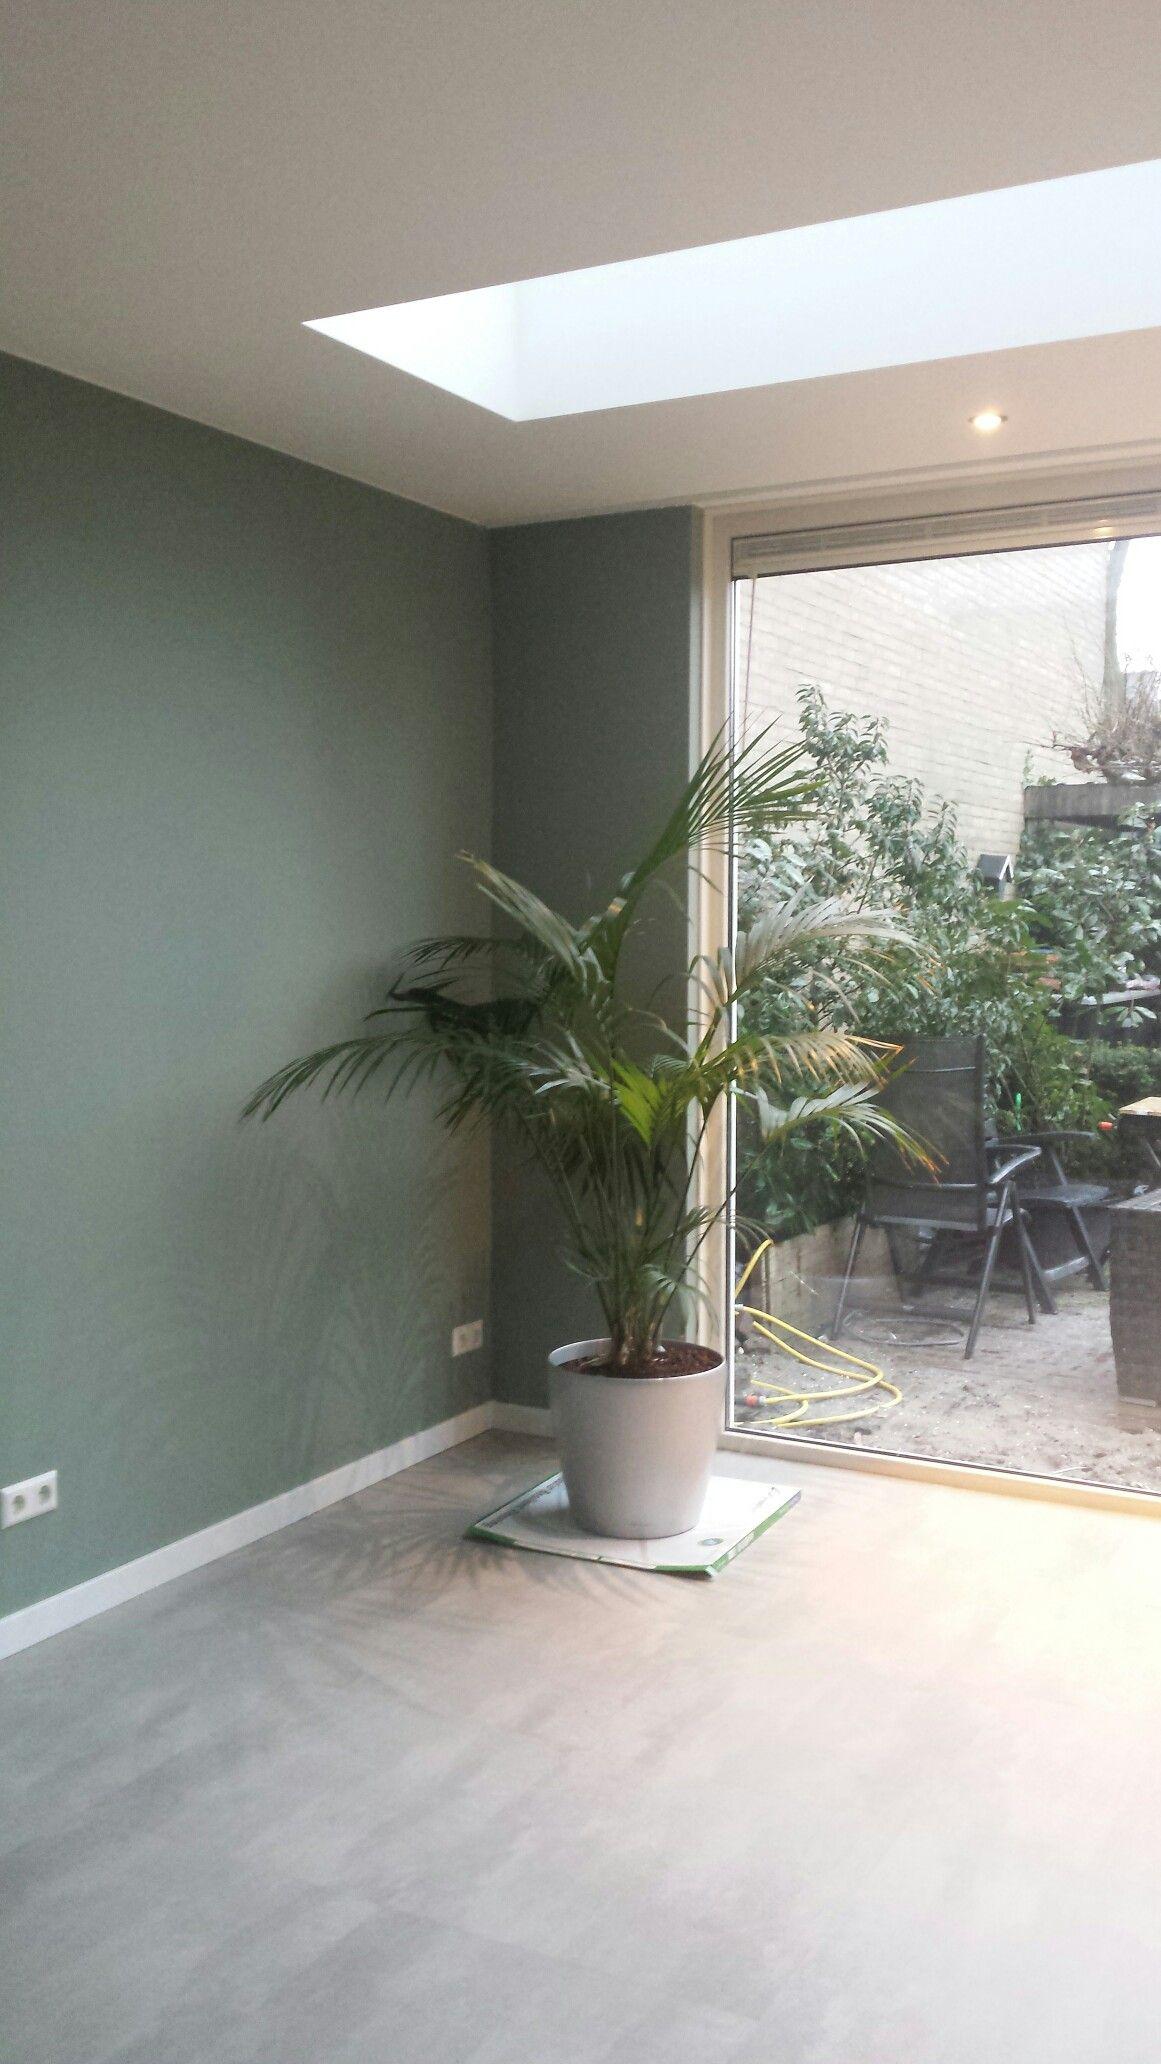 Prachtige kleur castle grey op de muur zeker met het for Kleur muur